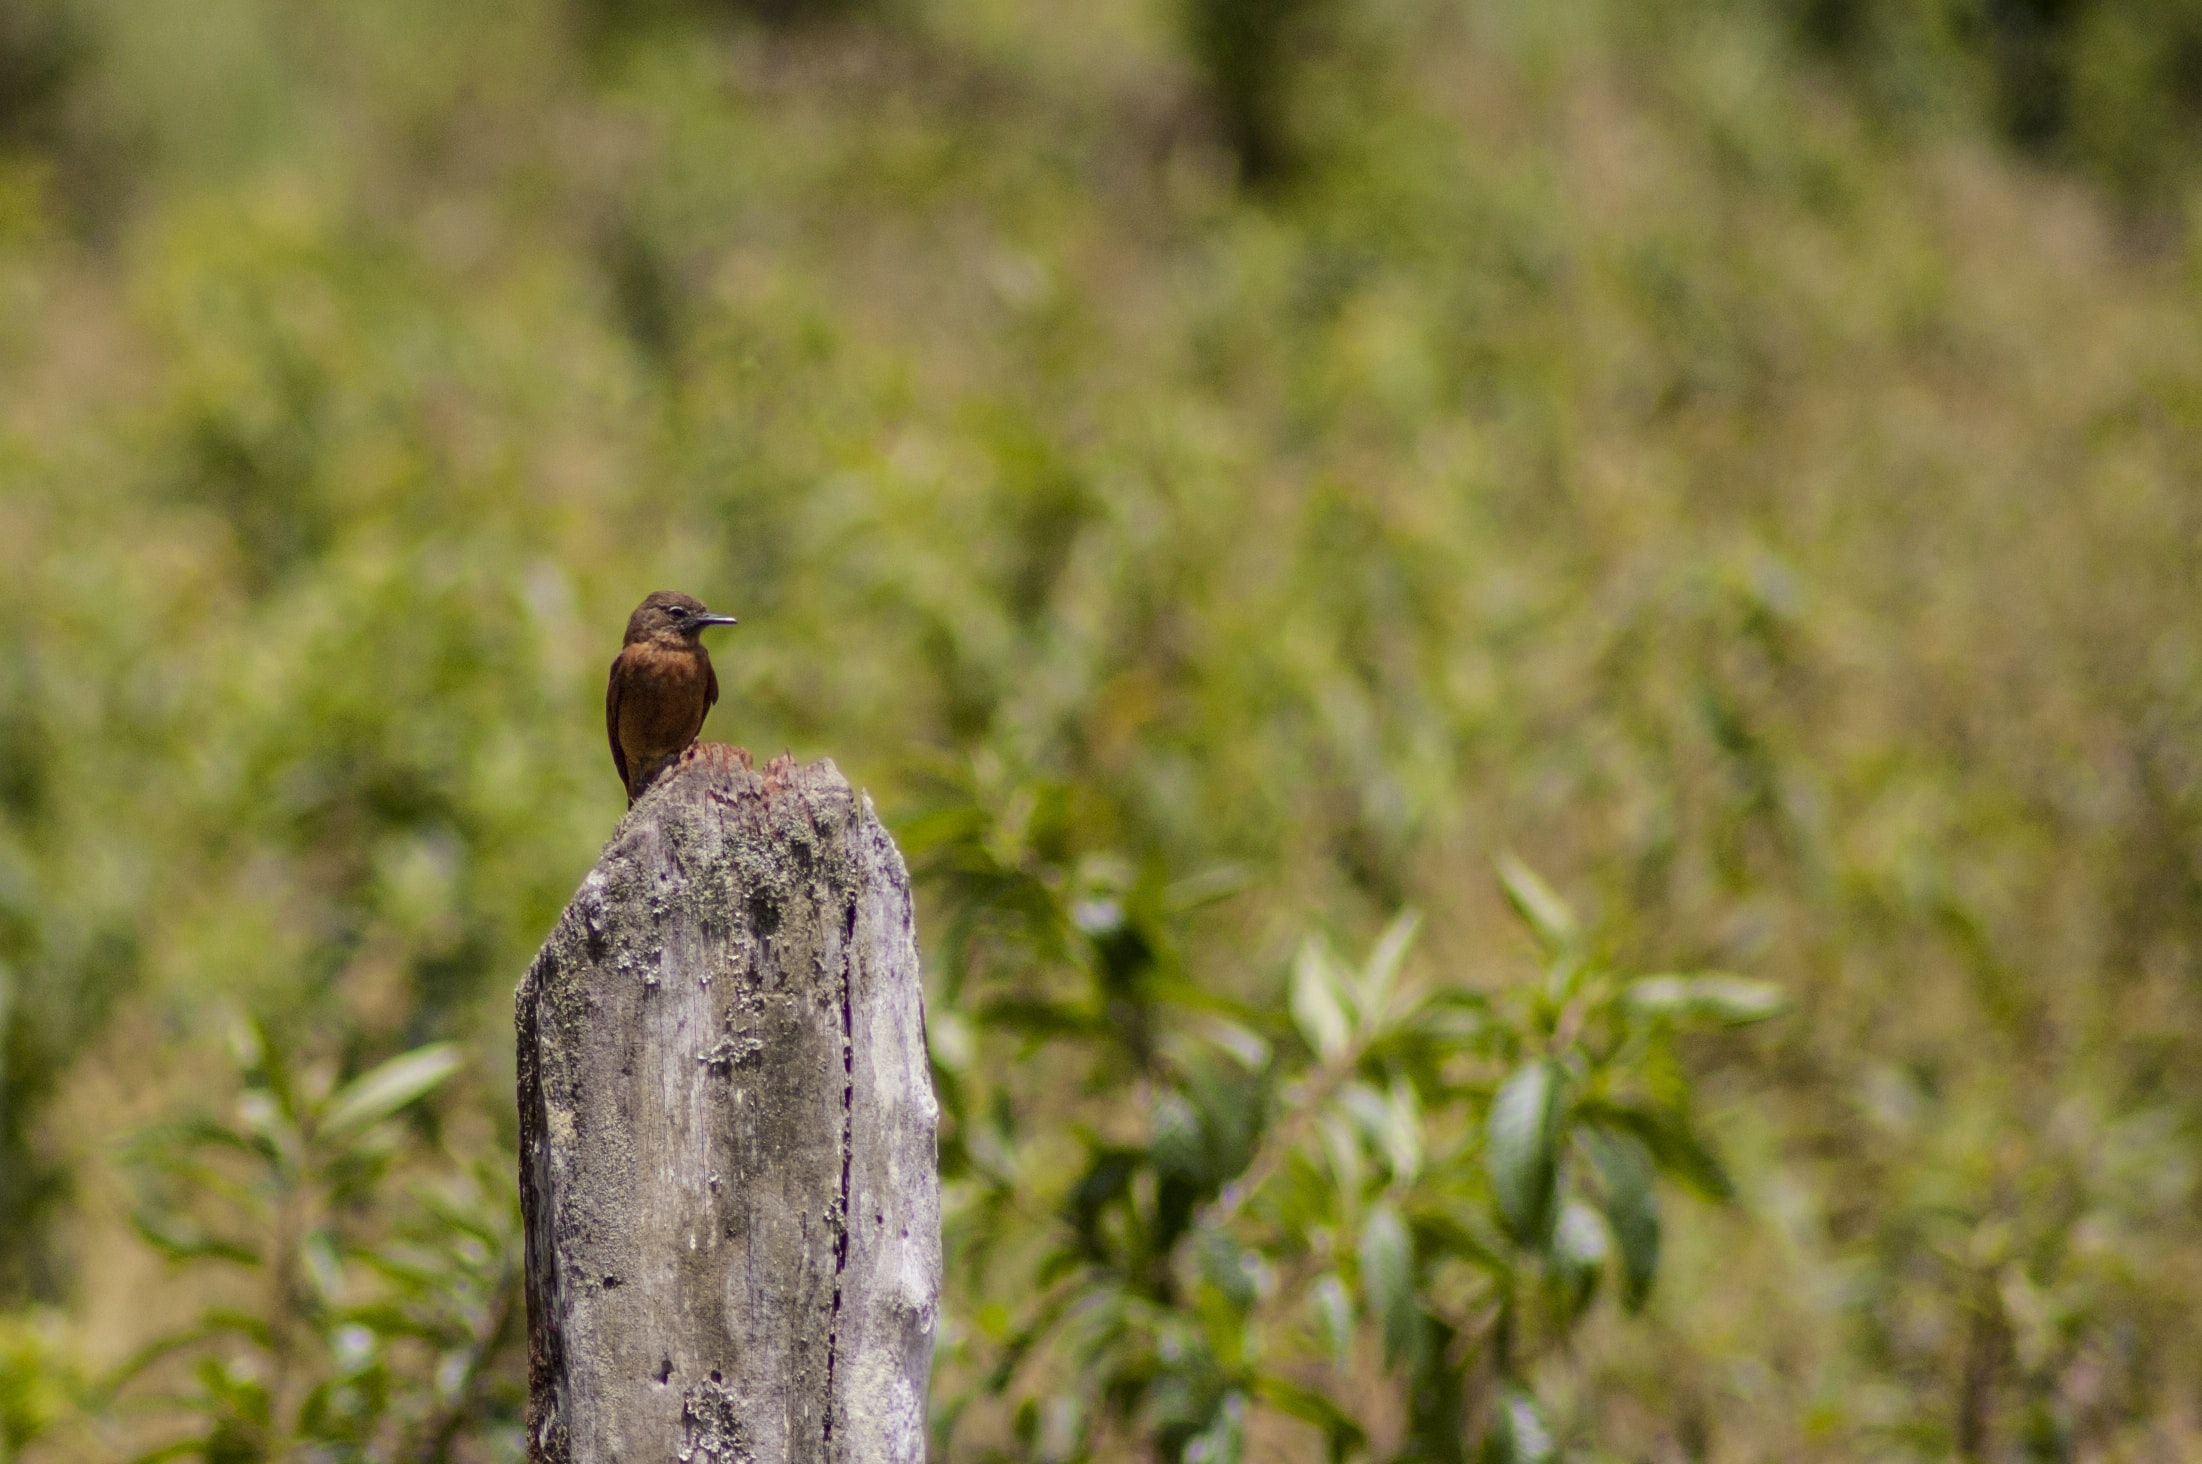 brown small beak bird on gray post